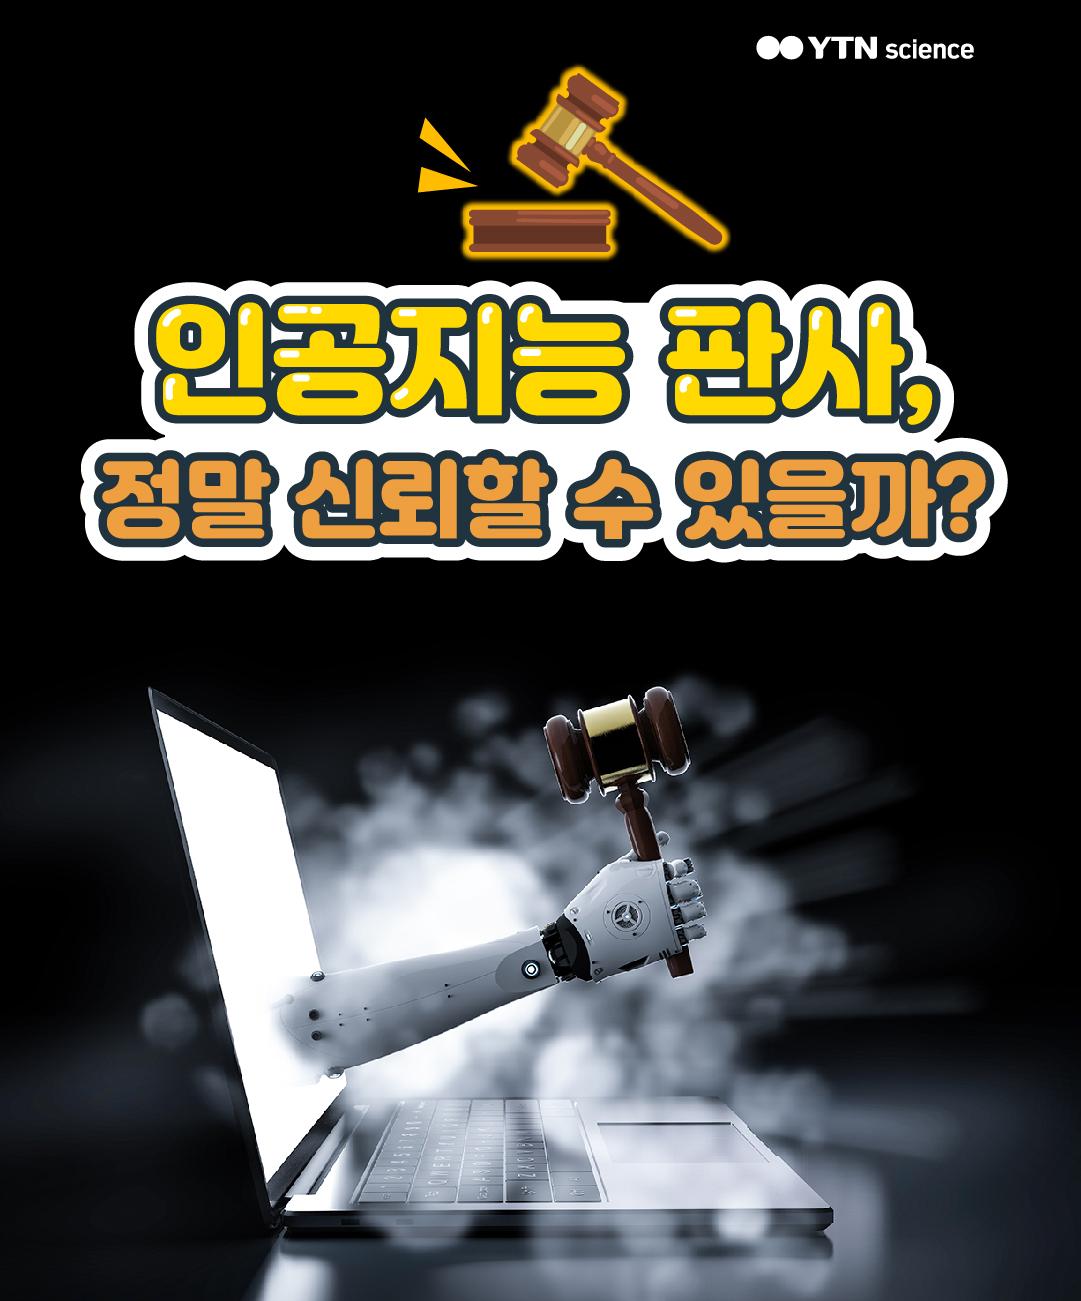 인공지능 판사, 정말 신뢰할 수 있을까? 이미지